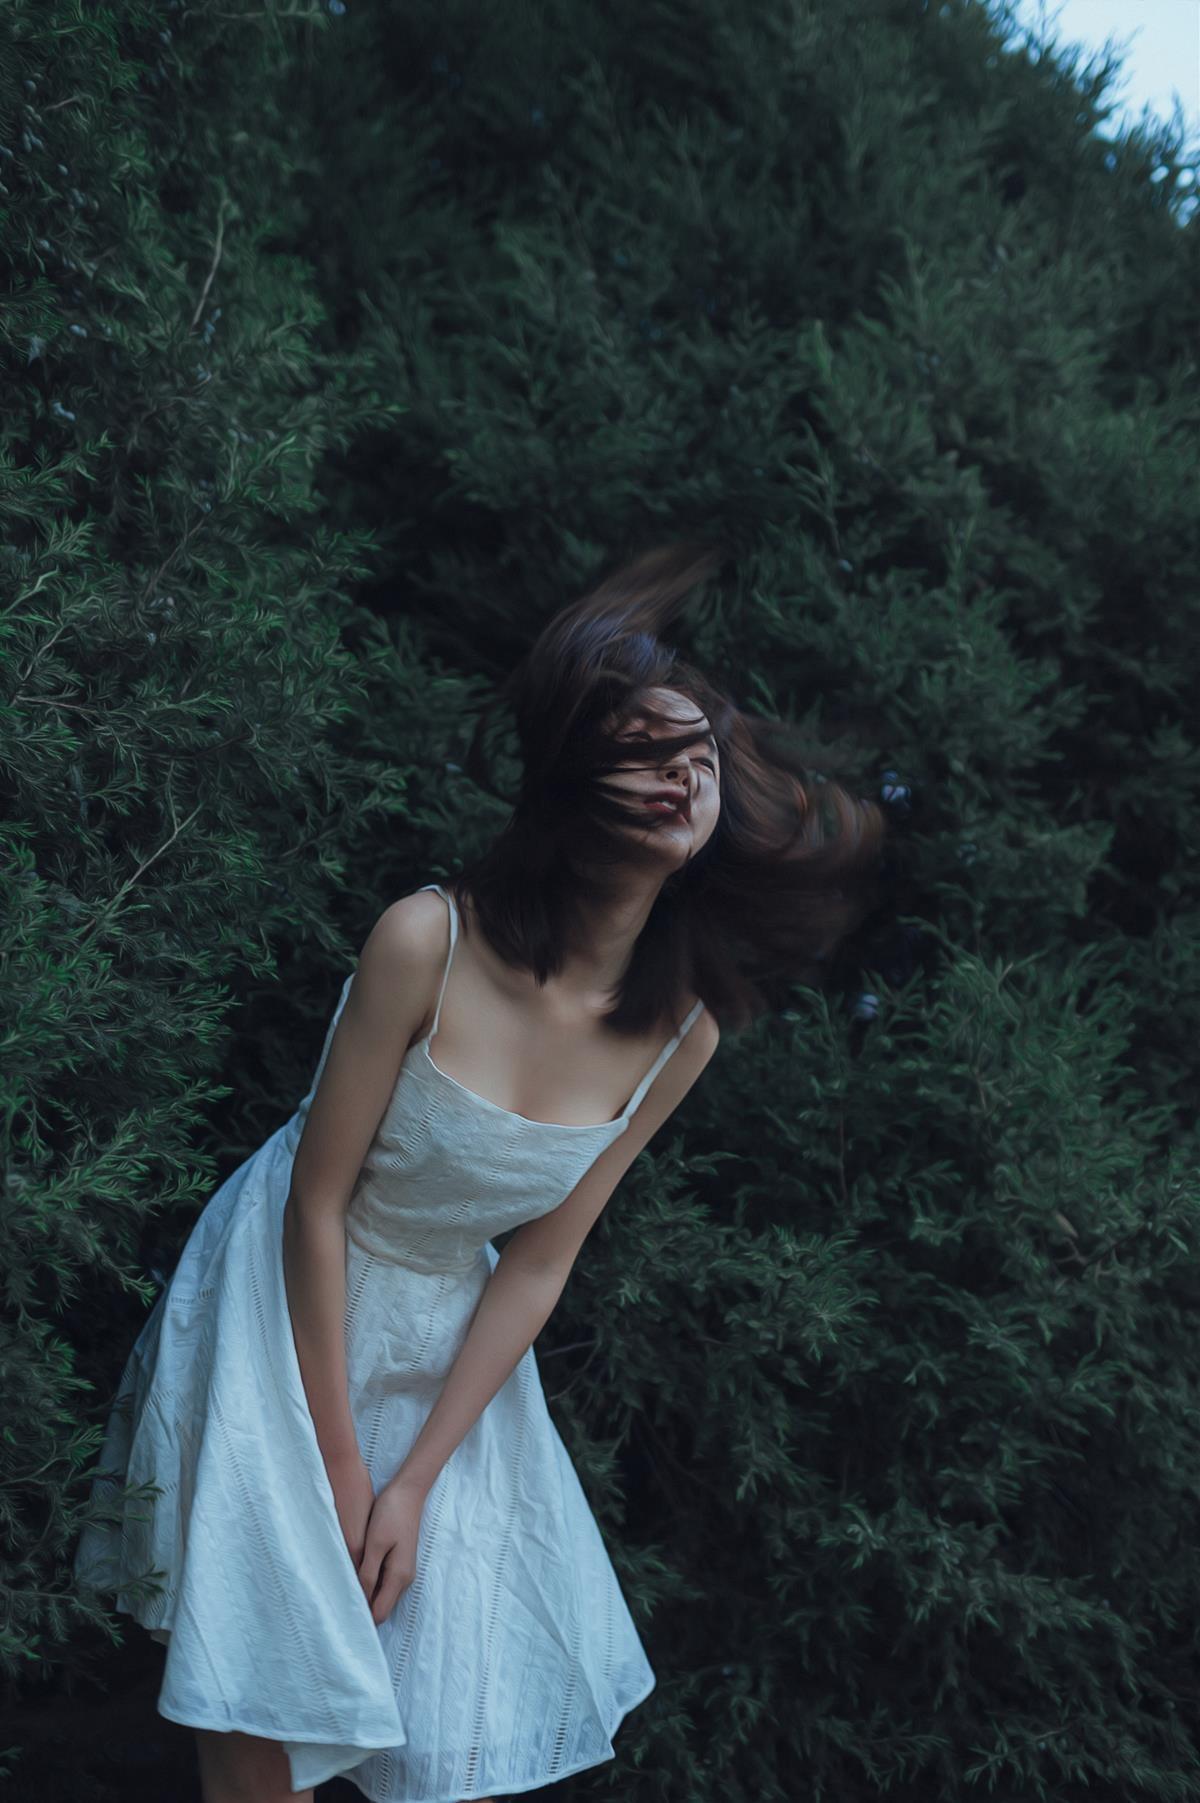 风把你吹进诗里—人像摄影